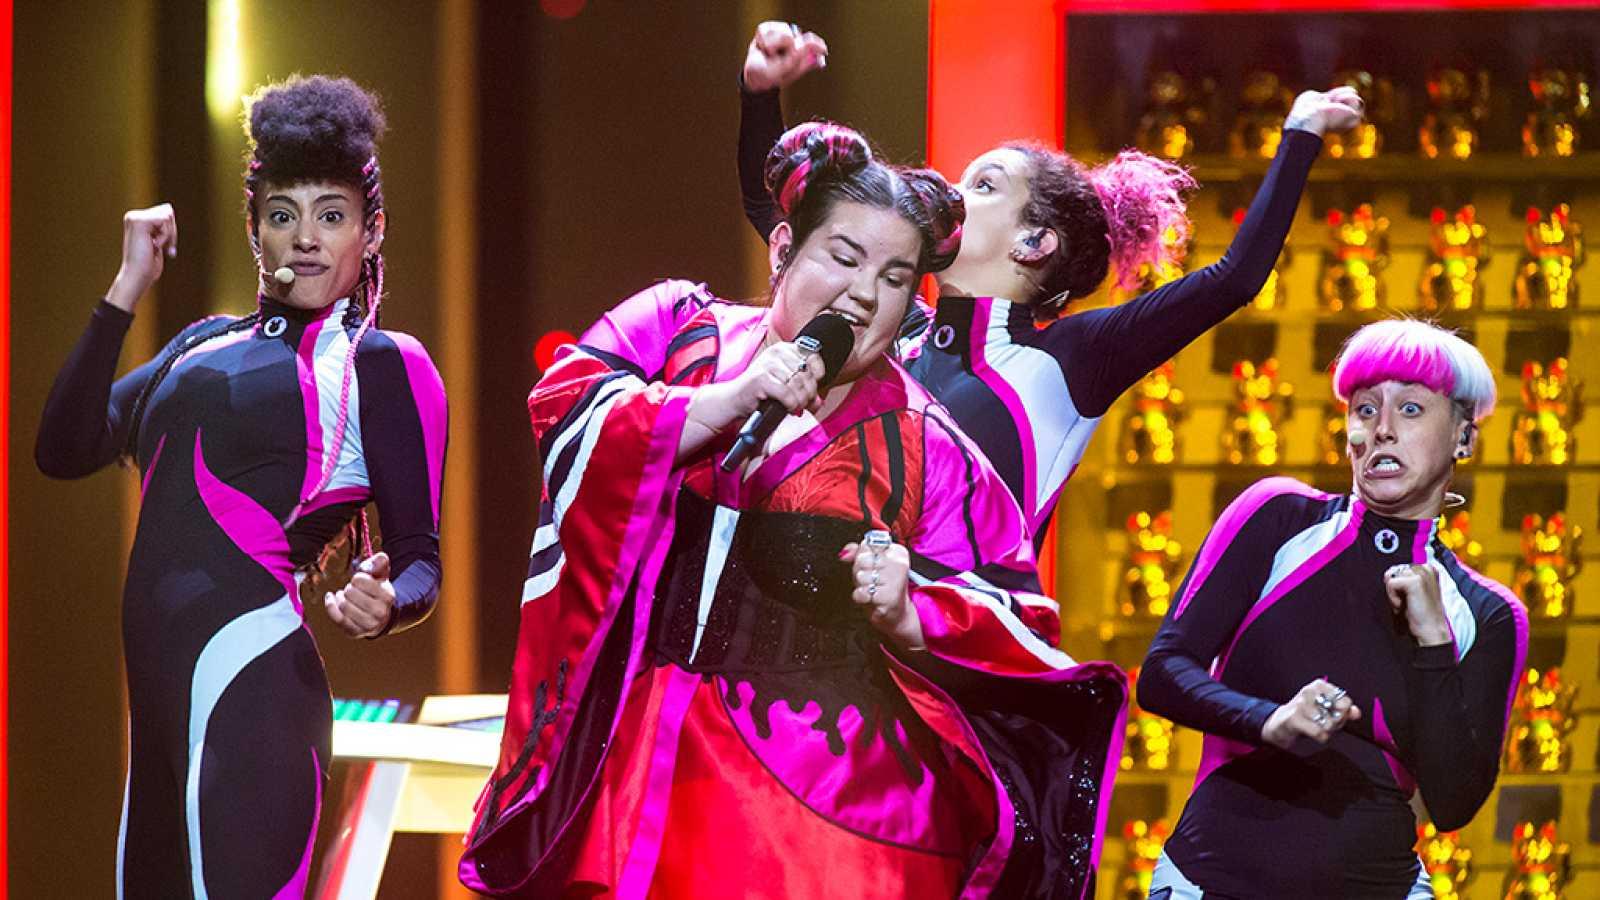 """Eurovisión - Israel: Netta Barzilai canta """"Toy"""" en la final de Eurovisión 2018"""